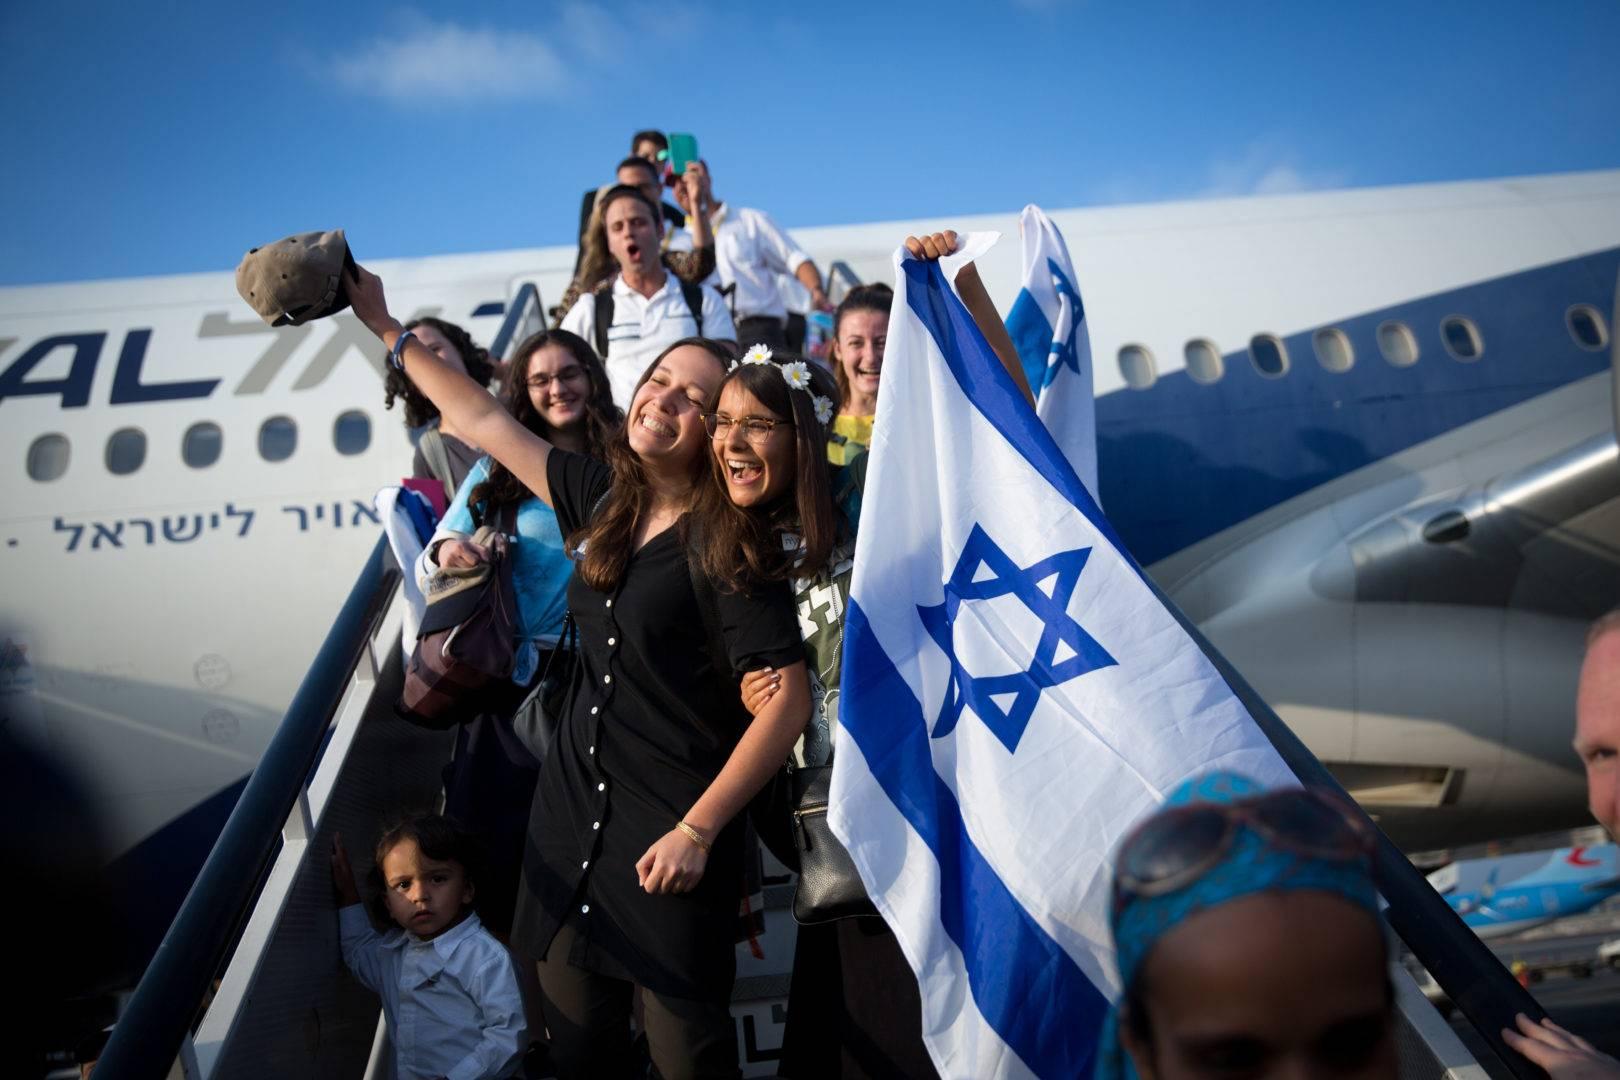 Жизнь в израиле 2021 году: прожиточный минимум, уровень жизни, цены — все о визах и эмиграции